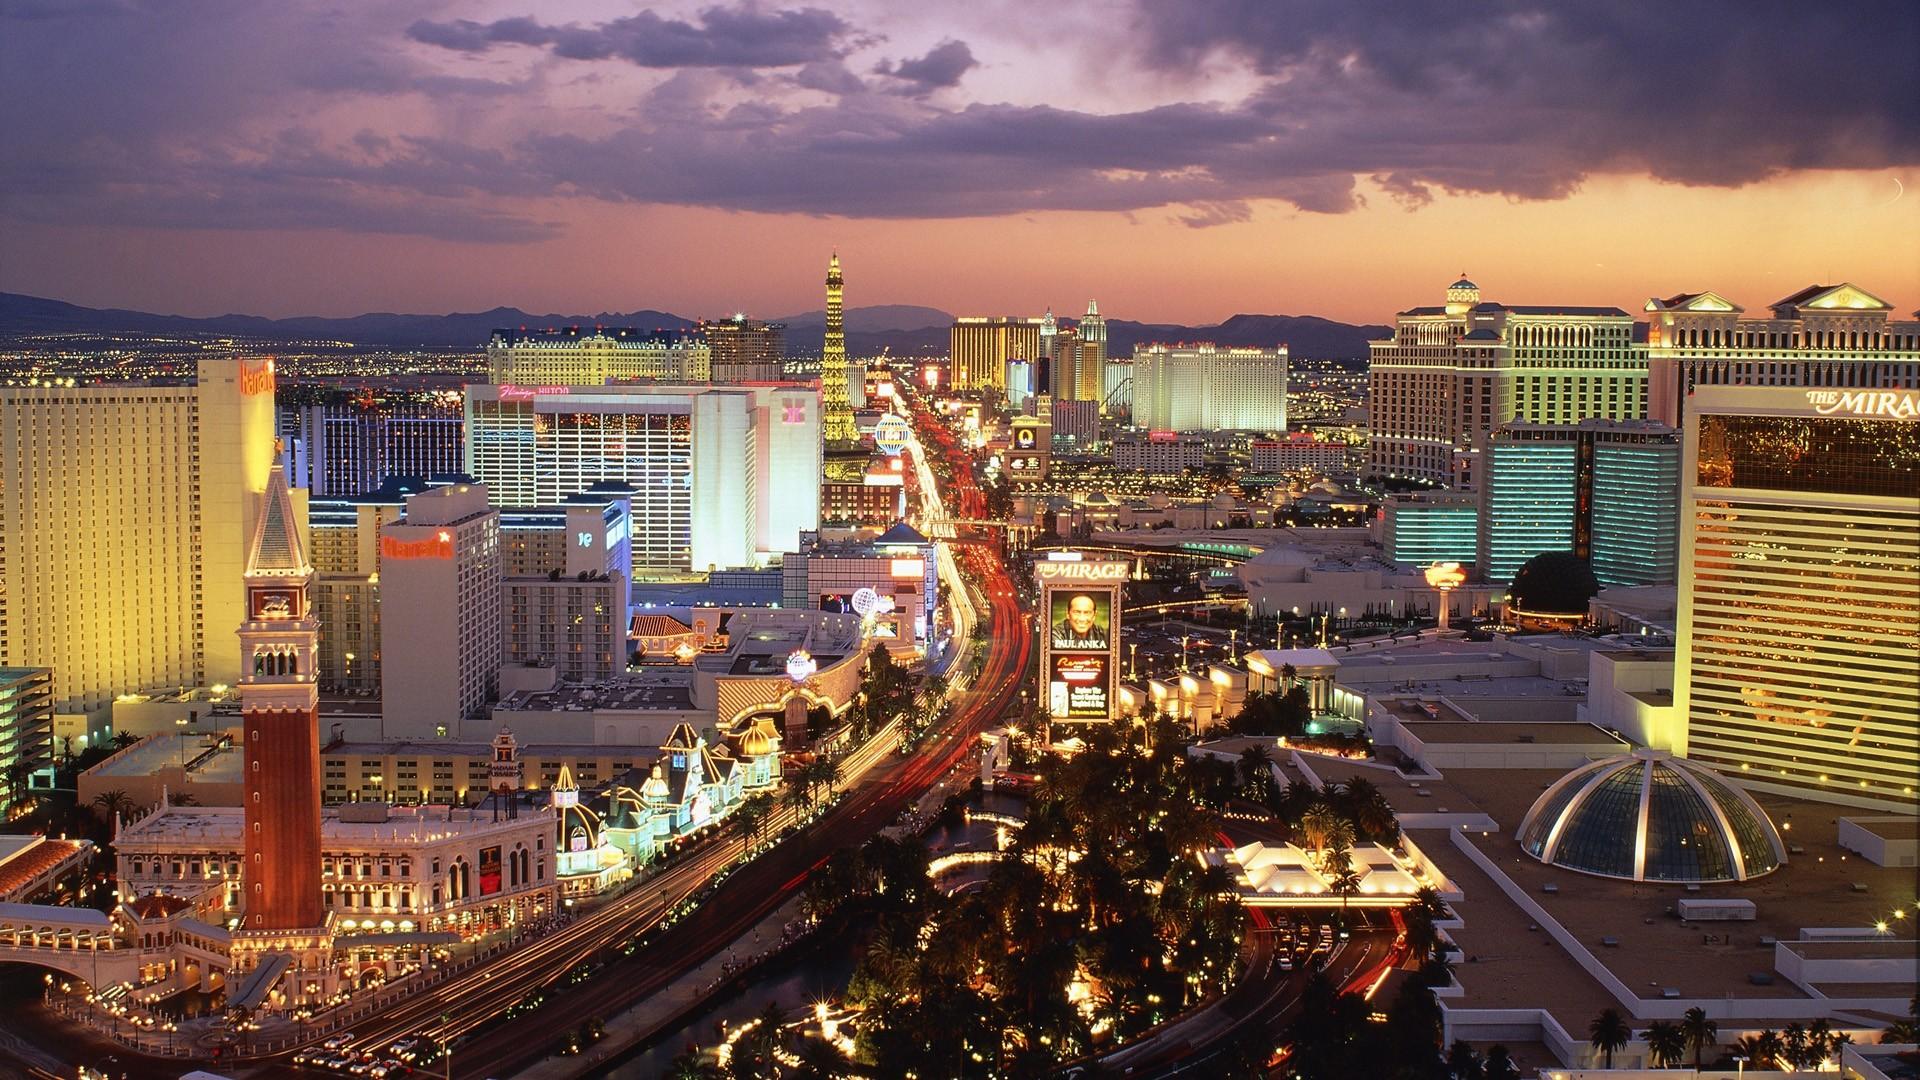 Las Vegas Strip Wallpaper 61474 1920x1080px 1920x1080